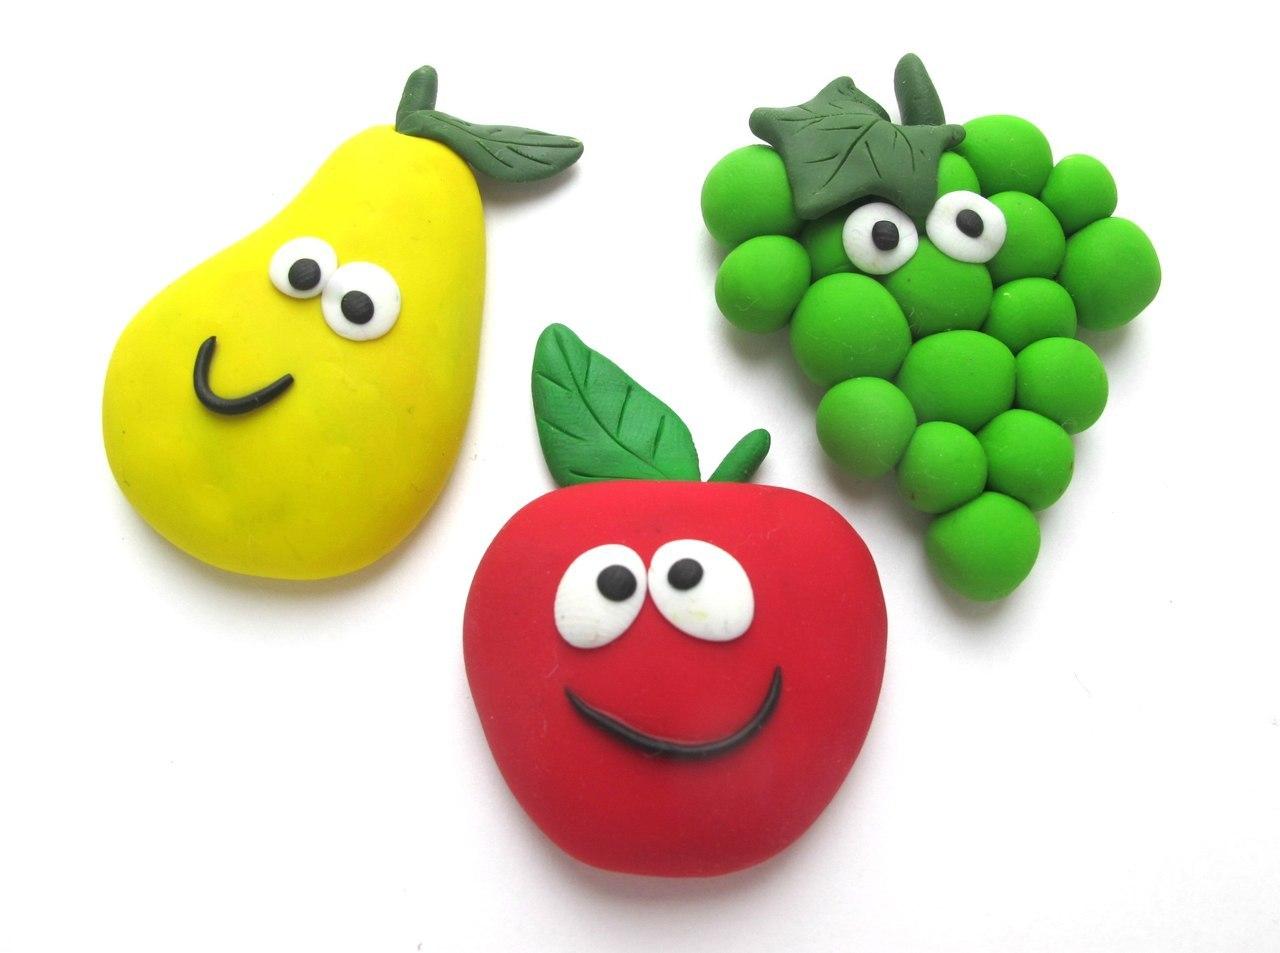 Картинки овощей и фруктов для детей цветные скачать бесплатно - a64